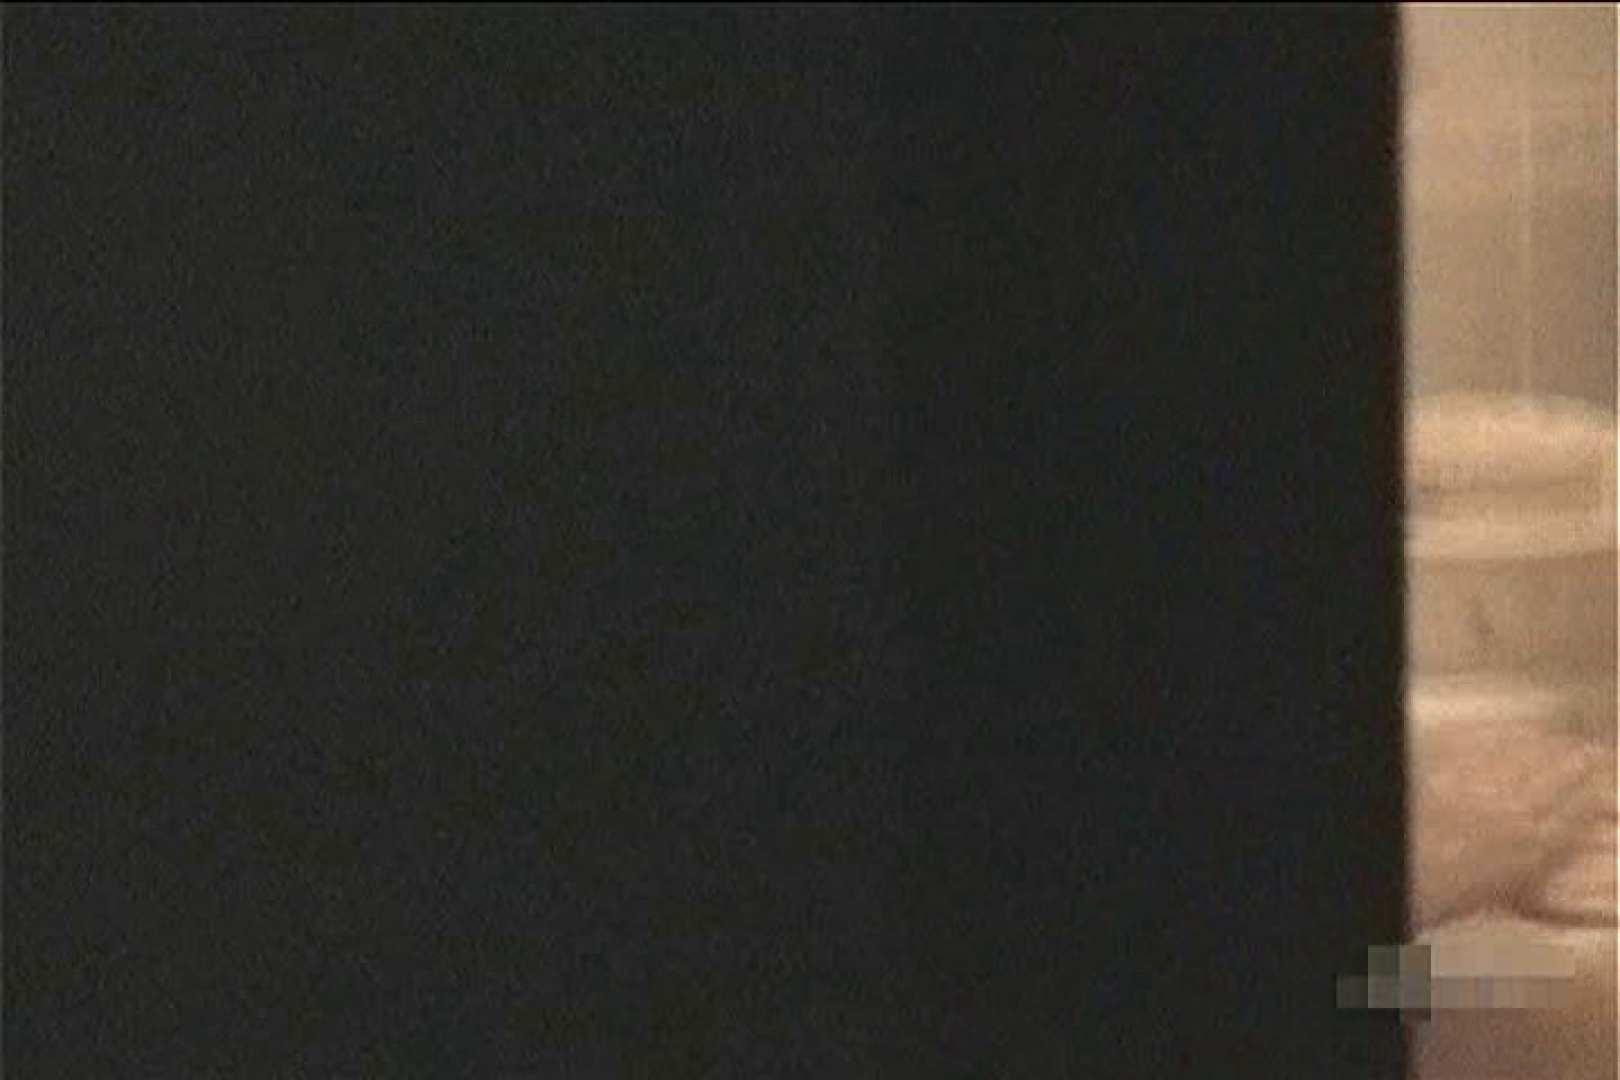 激撮ストーカー記録あなたのお宅拝見しますVol.8 OLヌード天国 アダルト動画キャプチャ 83PIX 62